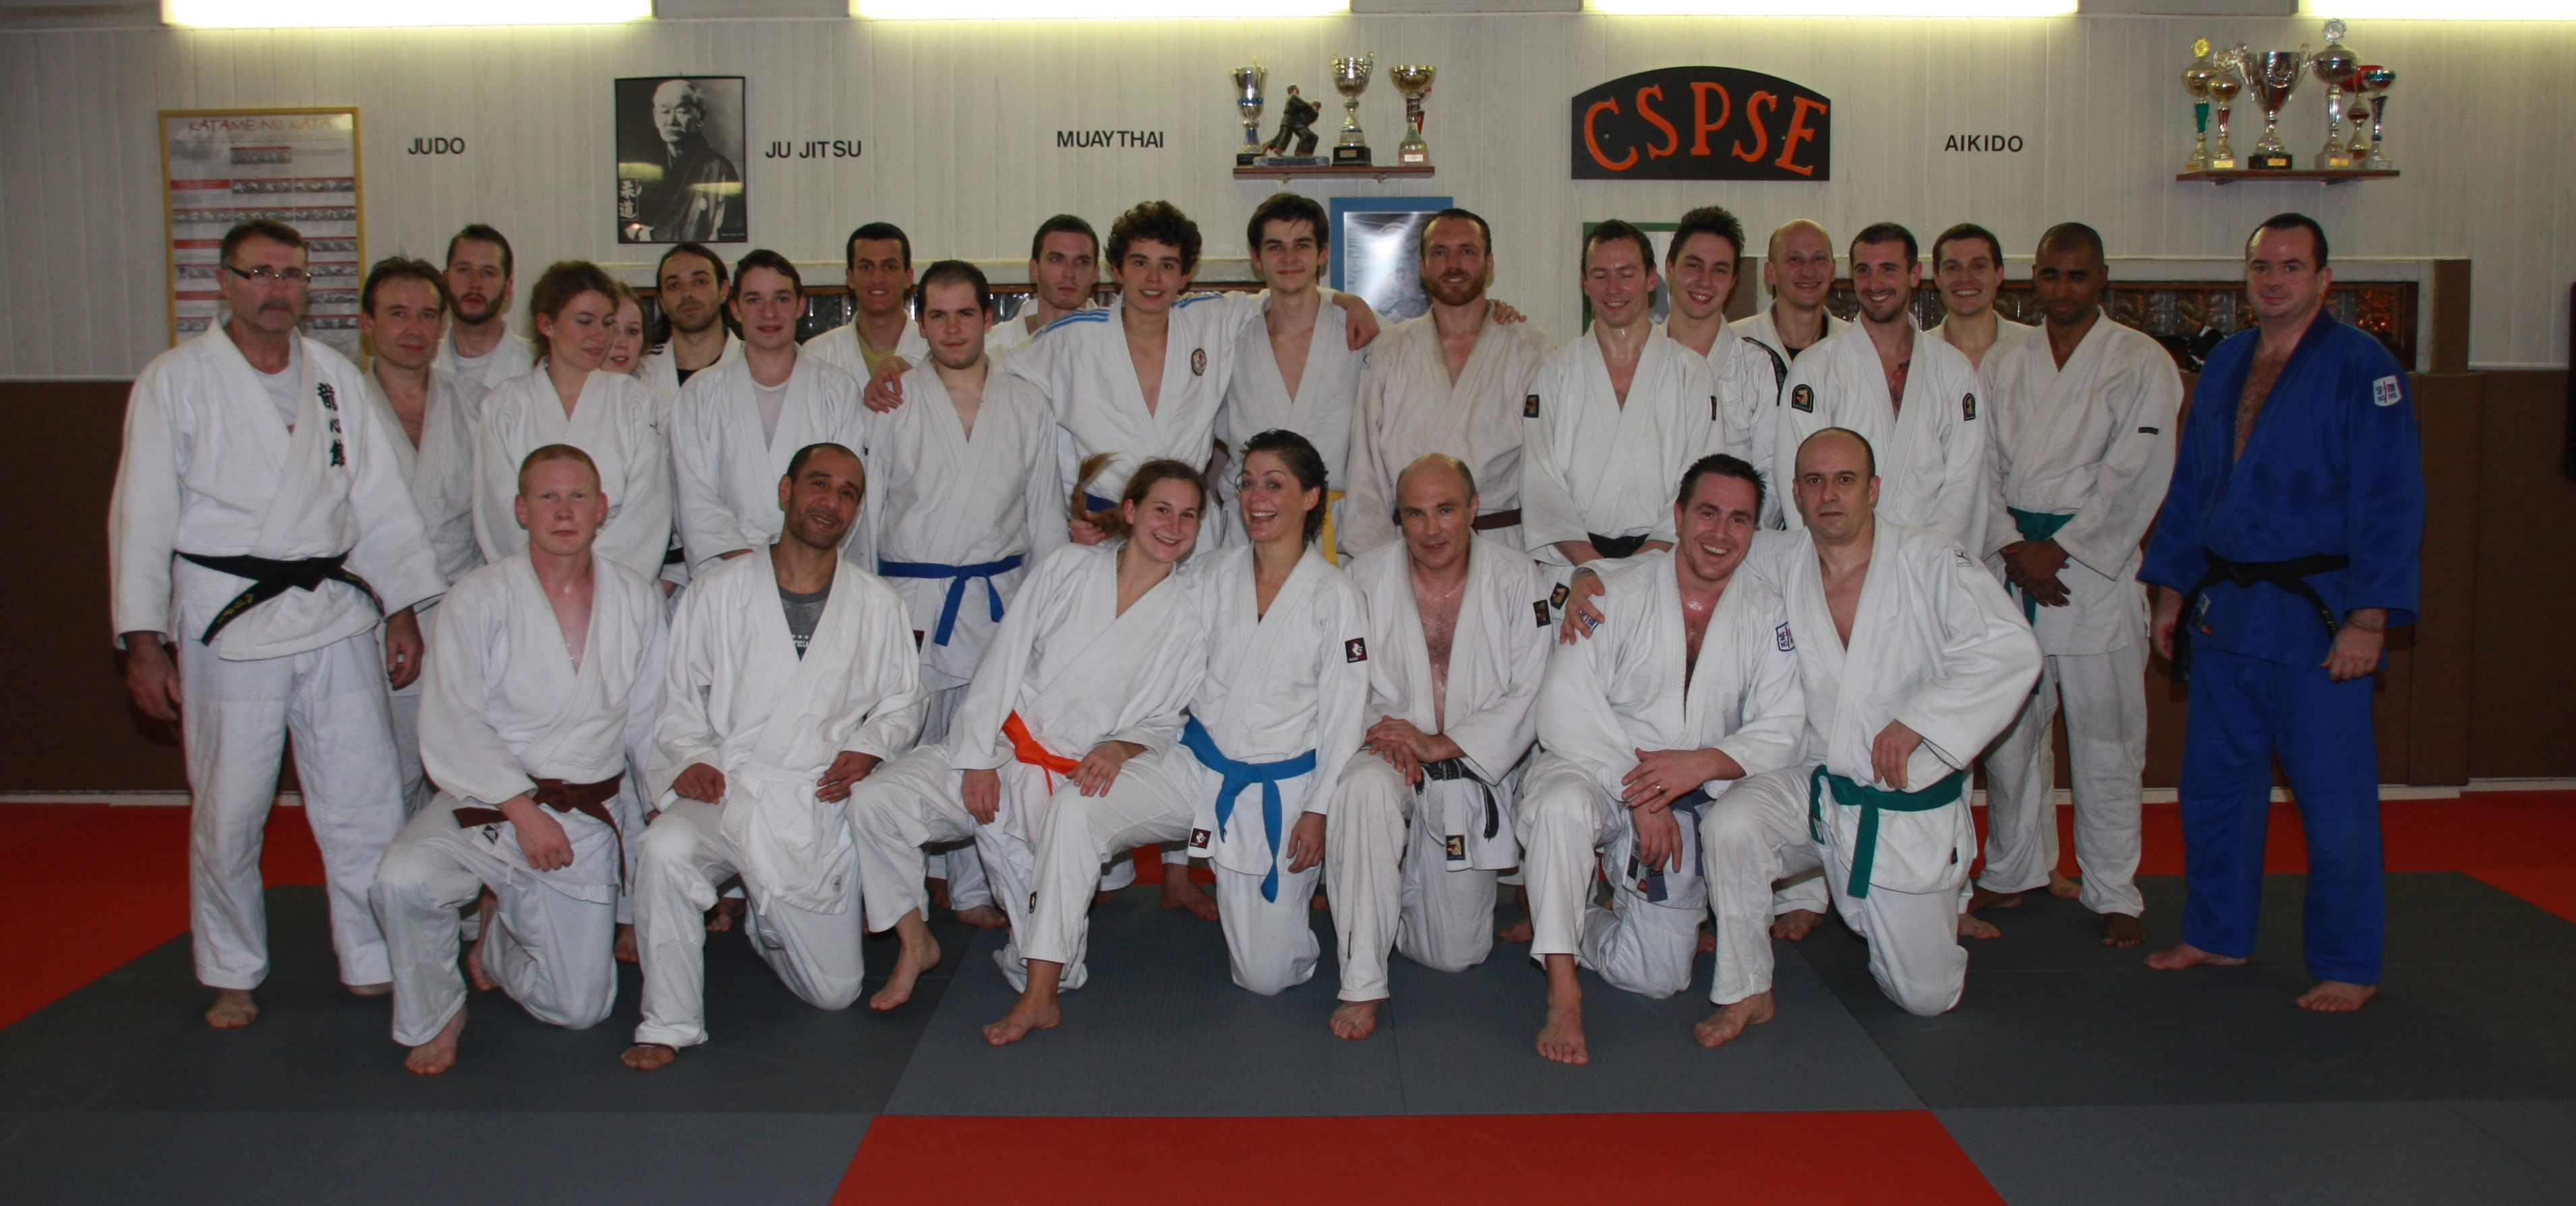 echange-jujitsu-11-12-2013-CSPSE-EFJJSD (5)